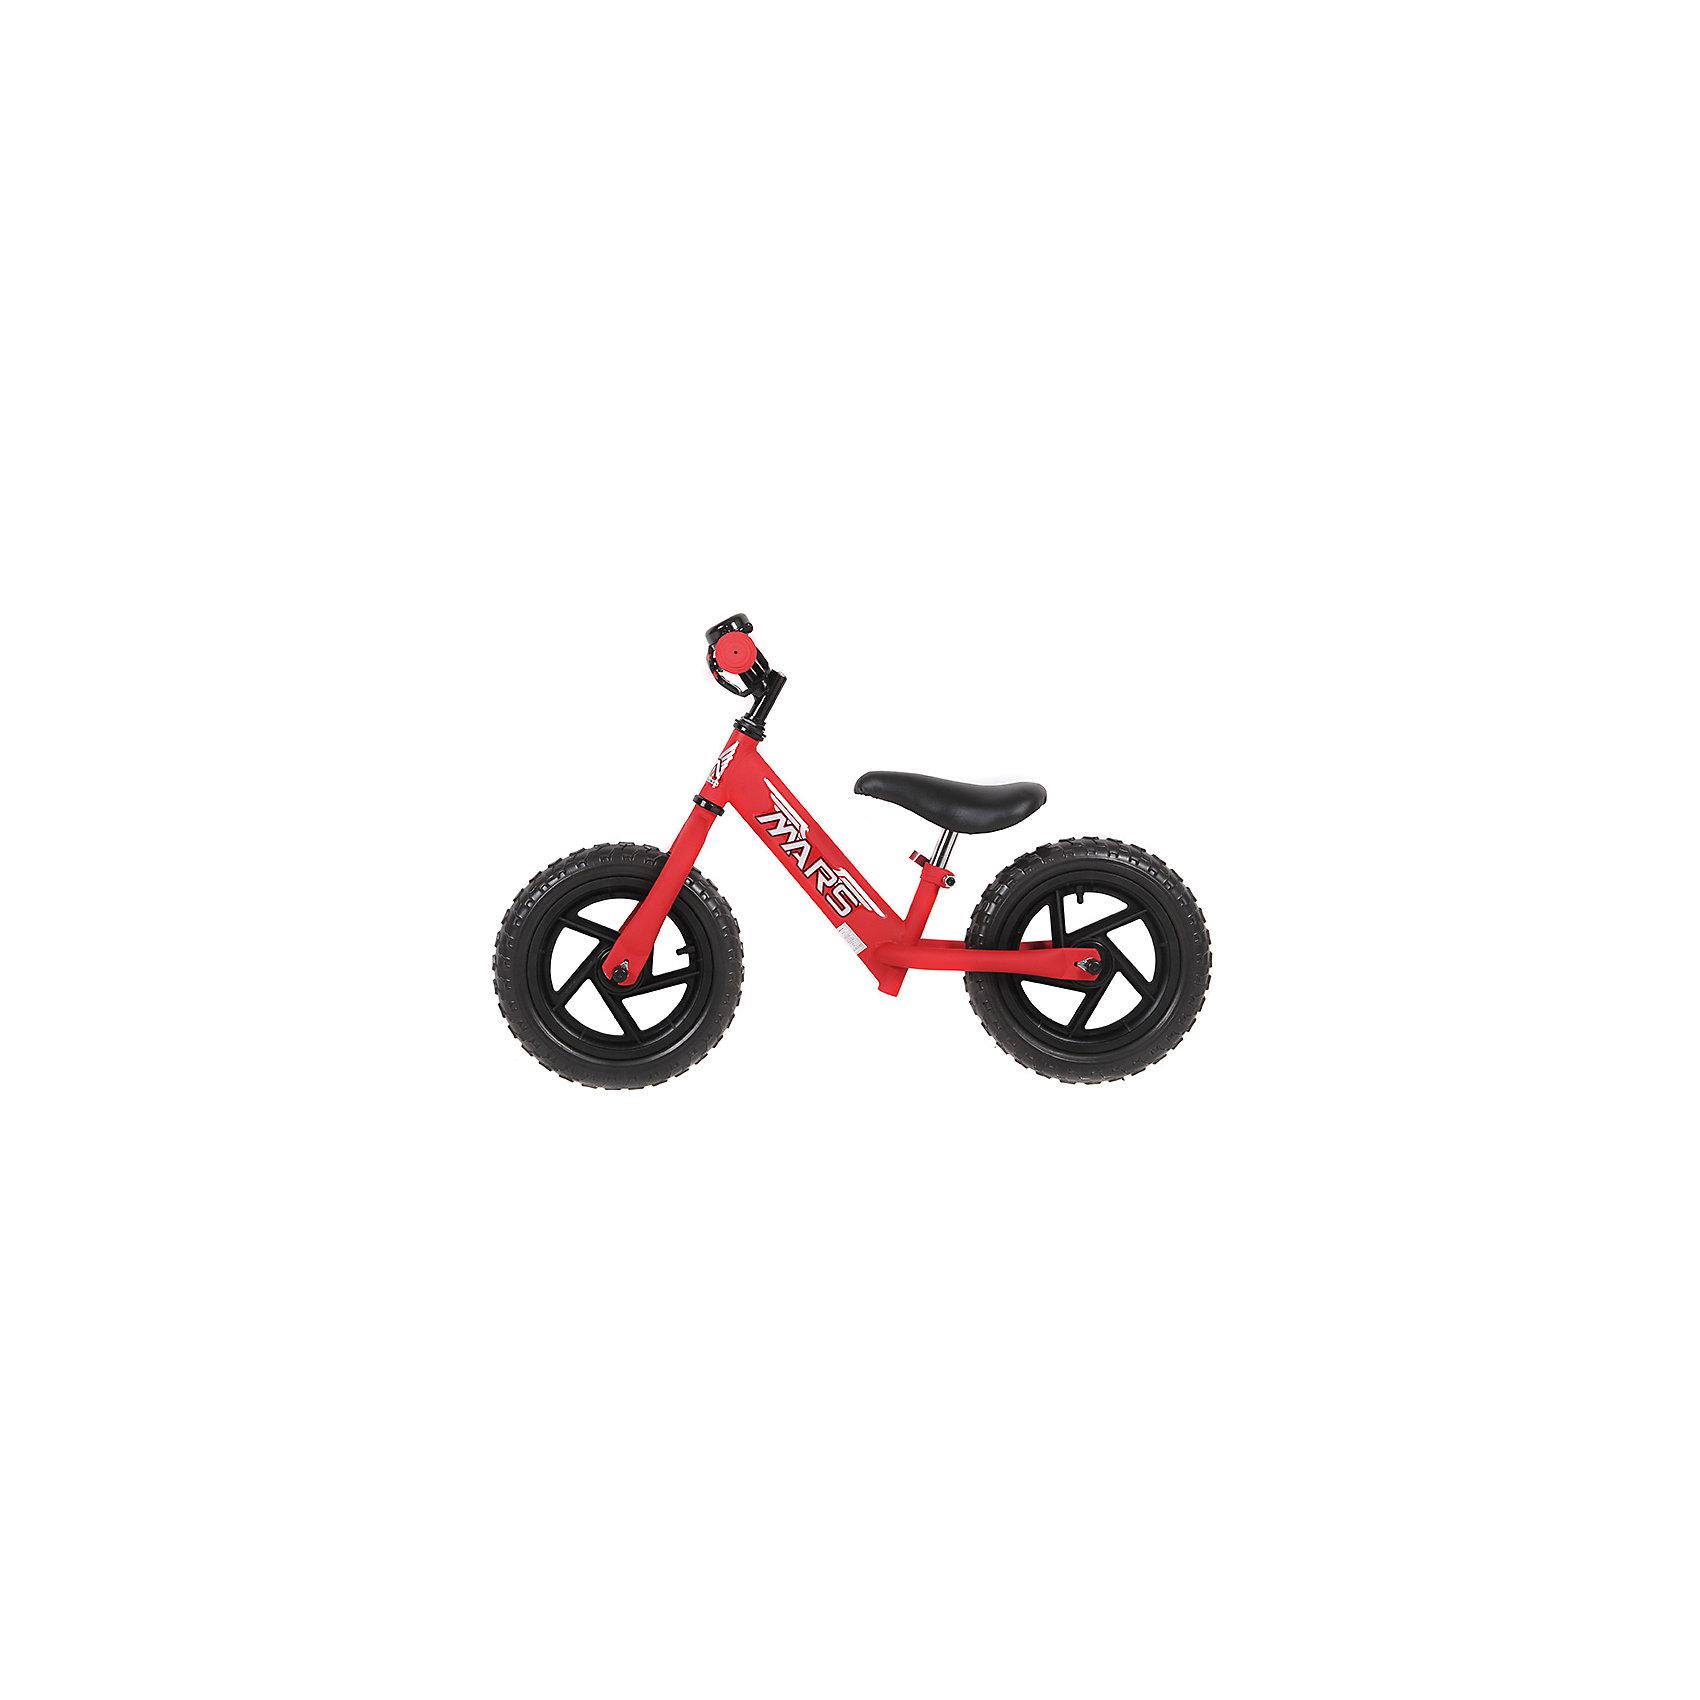 Велобег, красный, NEW MARSДля малышей от трех до пяти лет специалисты создали велобег - заменитель двухколесного велосипеда.  Это велосипед - без педалей и цепи, он учит в первую очередь держать равновесие, на нем ребенок не сможет сильно разогнаться. На велобеге очень комфортно ездить благодаря продуманному размеру колес, их размер точно вымерен для того, чтобы обеспечить устойчивость на поворотах. С помощью велобега ребенок будет также развивать внимательность и пространственное мышление, а также учиться правильно использовать пространство.<br>Велобег выполнен в стильной расцветке, он произведен из высококачественных материалов. Эти материалы безопасны для ребенка. Он имеет созданную специалистами конструкцию, которая обеспечит ребенку комфорт и безопасность. Эта модель отличается удобным сиденьем, легкостью, возможностью отрегулировать руль и сиденье под рост ребенка.<br><br>Дополнительная информация:<br><br>цвет: красный;<br>прочная и легкая конструкция;<br>удобный руль;<br>диаметр колес 12 дюймов;<br>мягкое сидение  с возможностью регулировки высоты;<br>рама и вилка сделаны из алюминиевого сплава;<br>регулировка положения высоты руля;<br>резиновые колеса;<br>звонок.<br><br>Велобег, красный, от марки NEW MARS можно купить в нашем магазине.<br><br>Ширина мм: 800<br>Глубина мм: 300<br>Высота мм: 400<br>Вес г: 5200<br>Возраст от месяцев: 36<br>Возраст до месяцев: 60<br>Пол: Унисекс<br>Возраст: Детский<br>SKU: 4715392